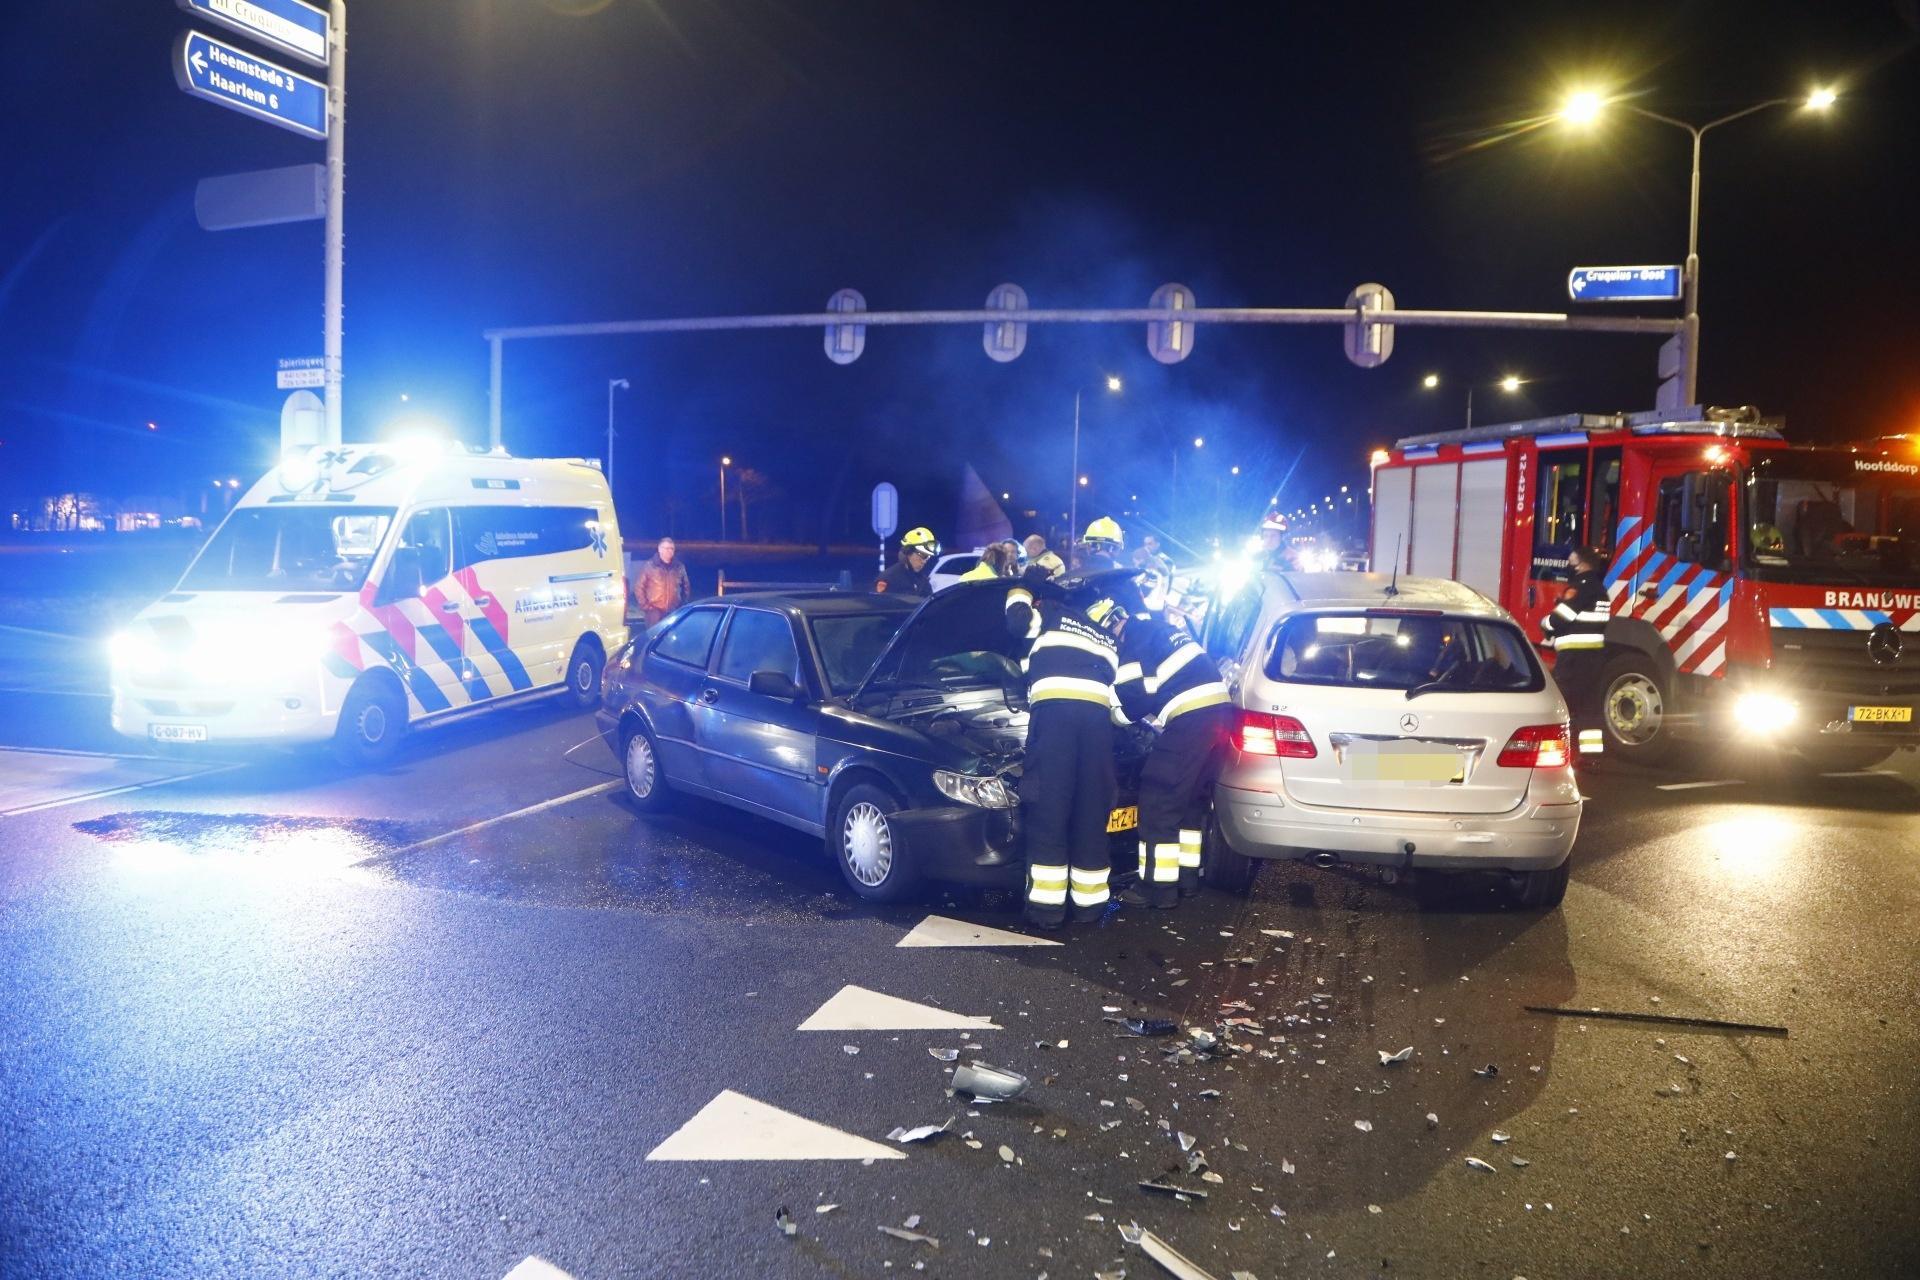 Brandweer bevrijdt slachtoffer uit voertuig bij ongeluk in Cruquius